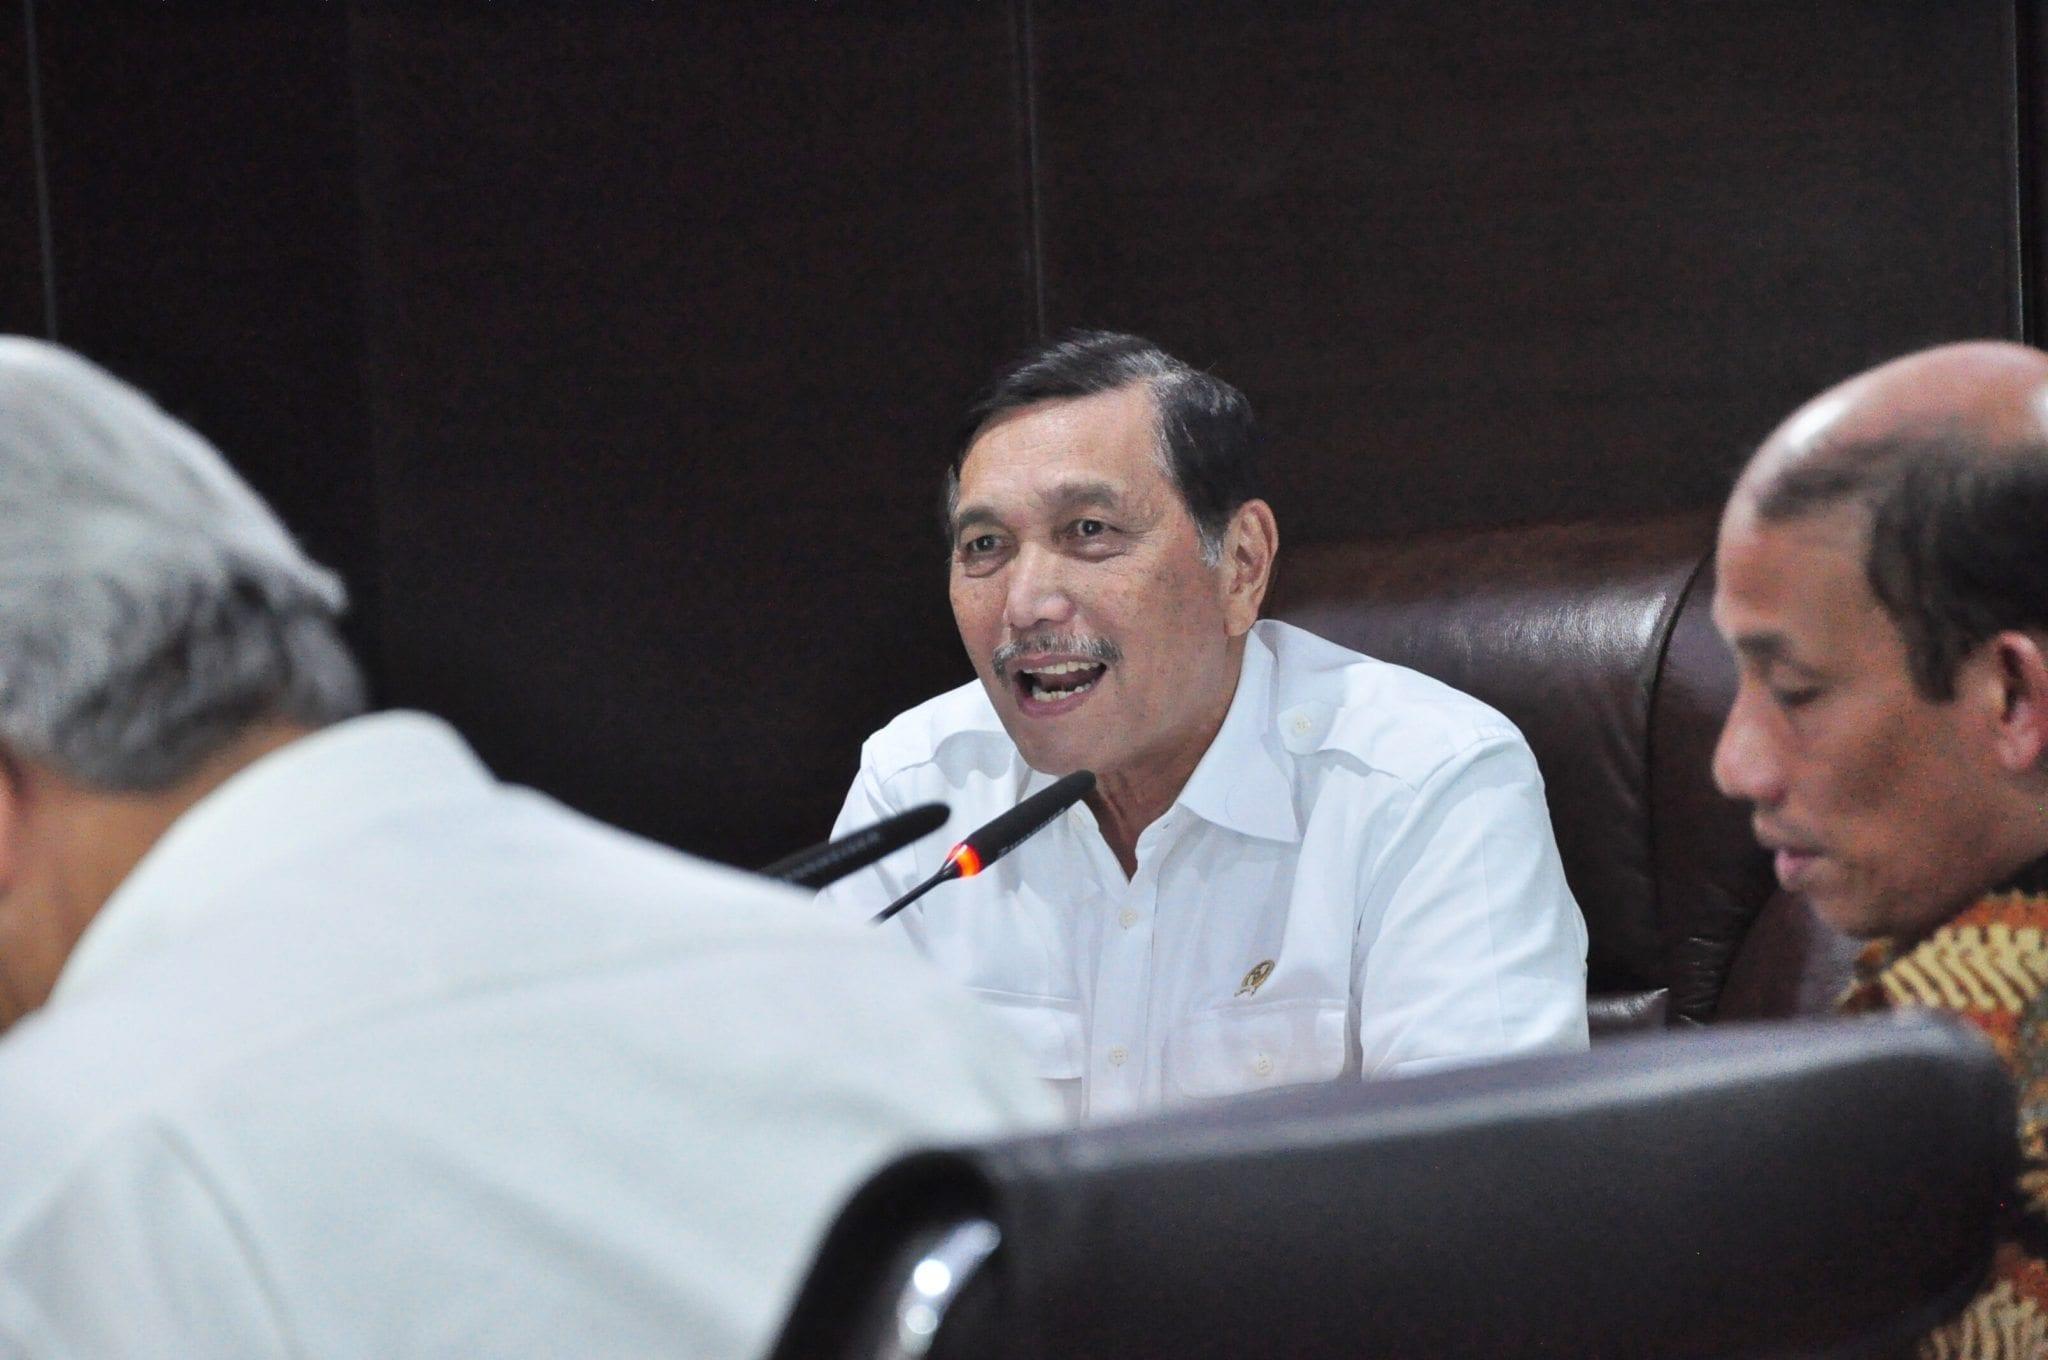 Menko Luhut B. Pandjaitan Rapat Mengenai Harga Gas, Harga Minyak Mentah untuk Mini Refinery, & Pelarangan Ekspor Konsentrat Tembaga.